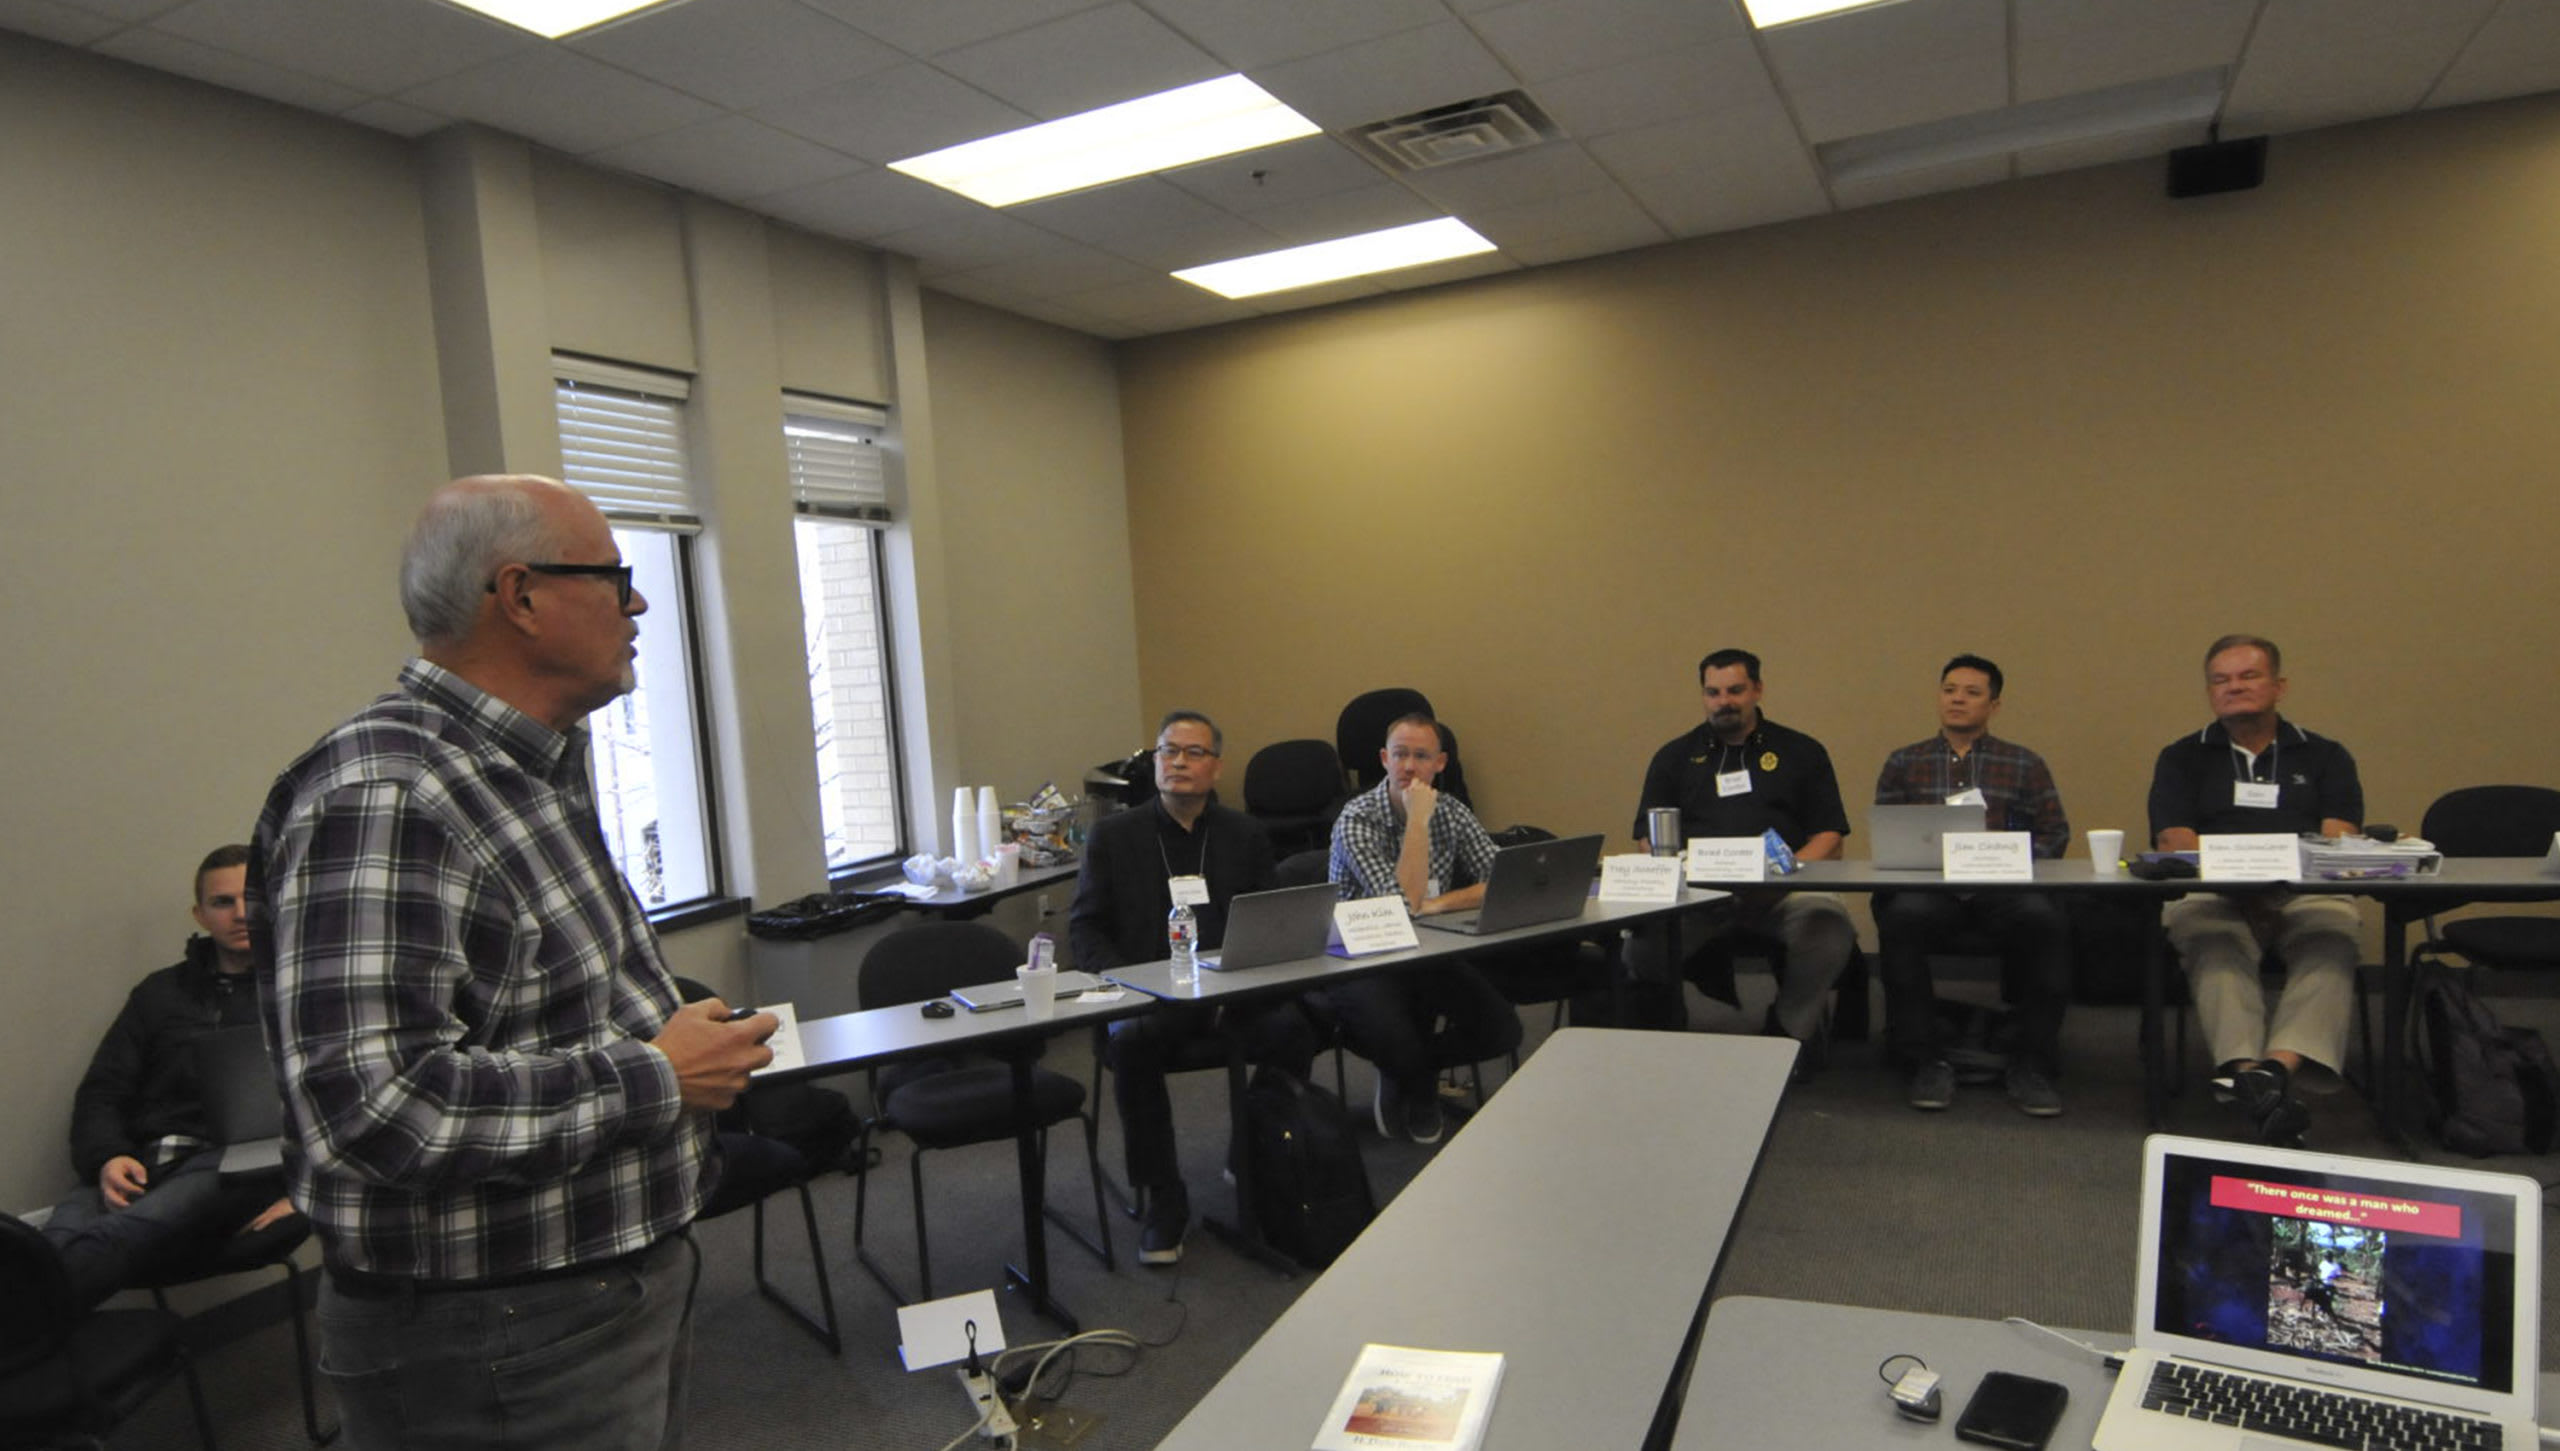 Dr. Burk teaching a class